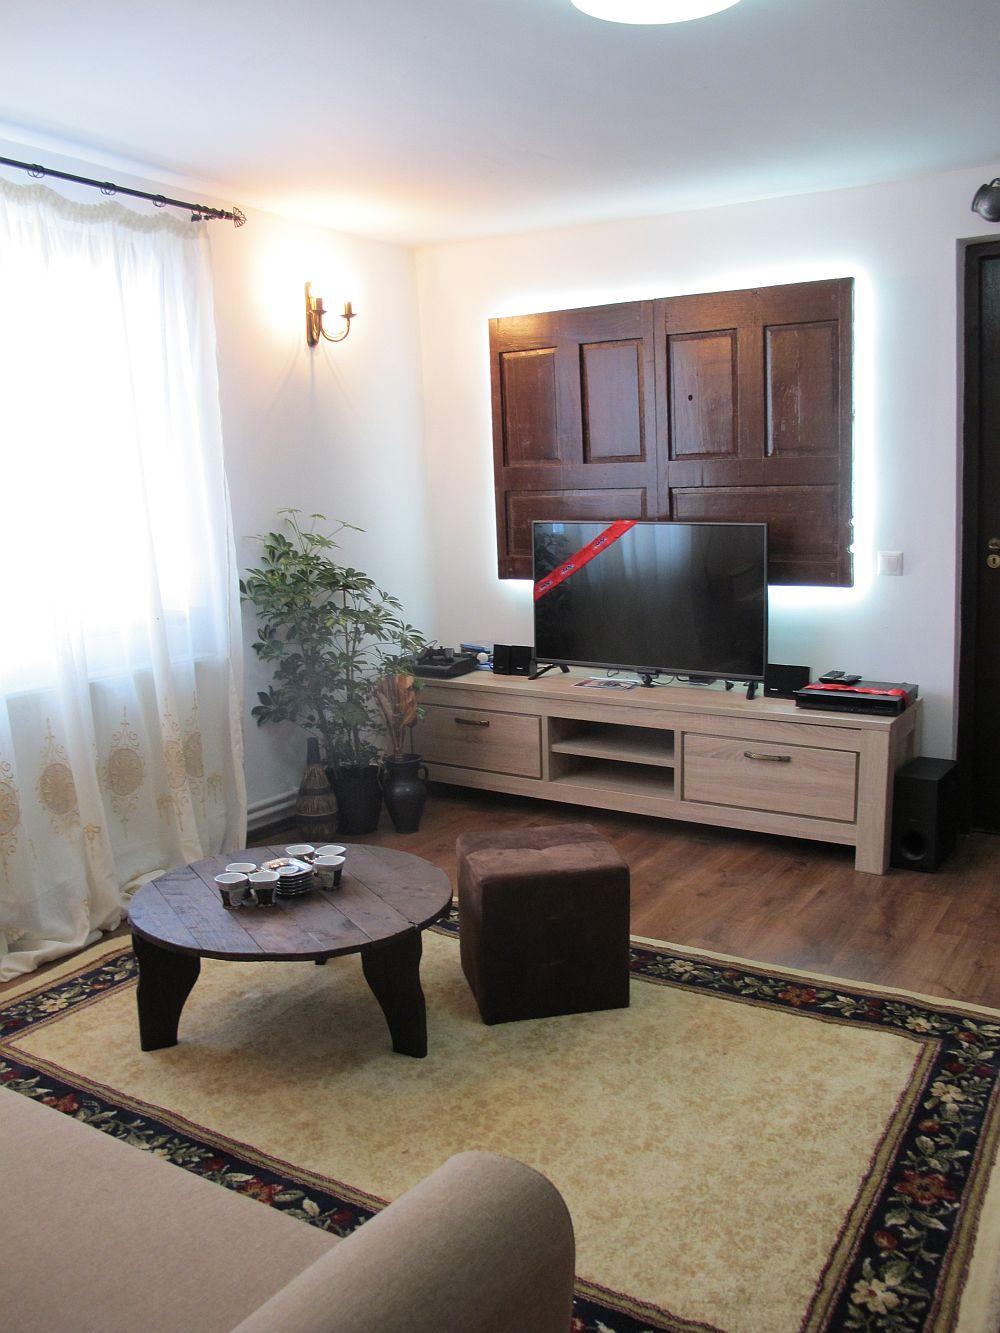 adelaparvu.com despre Casa familiei Ilie, Tufeni, Olt emisiunea Visuri la cheie, ProTV, sezon 1, 2014 (41)